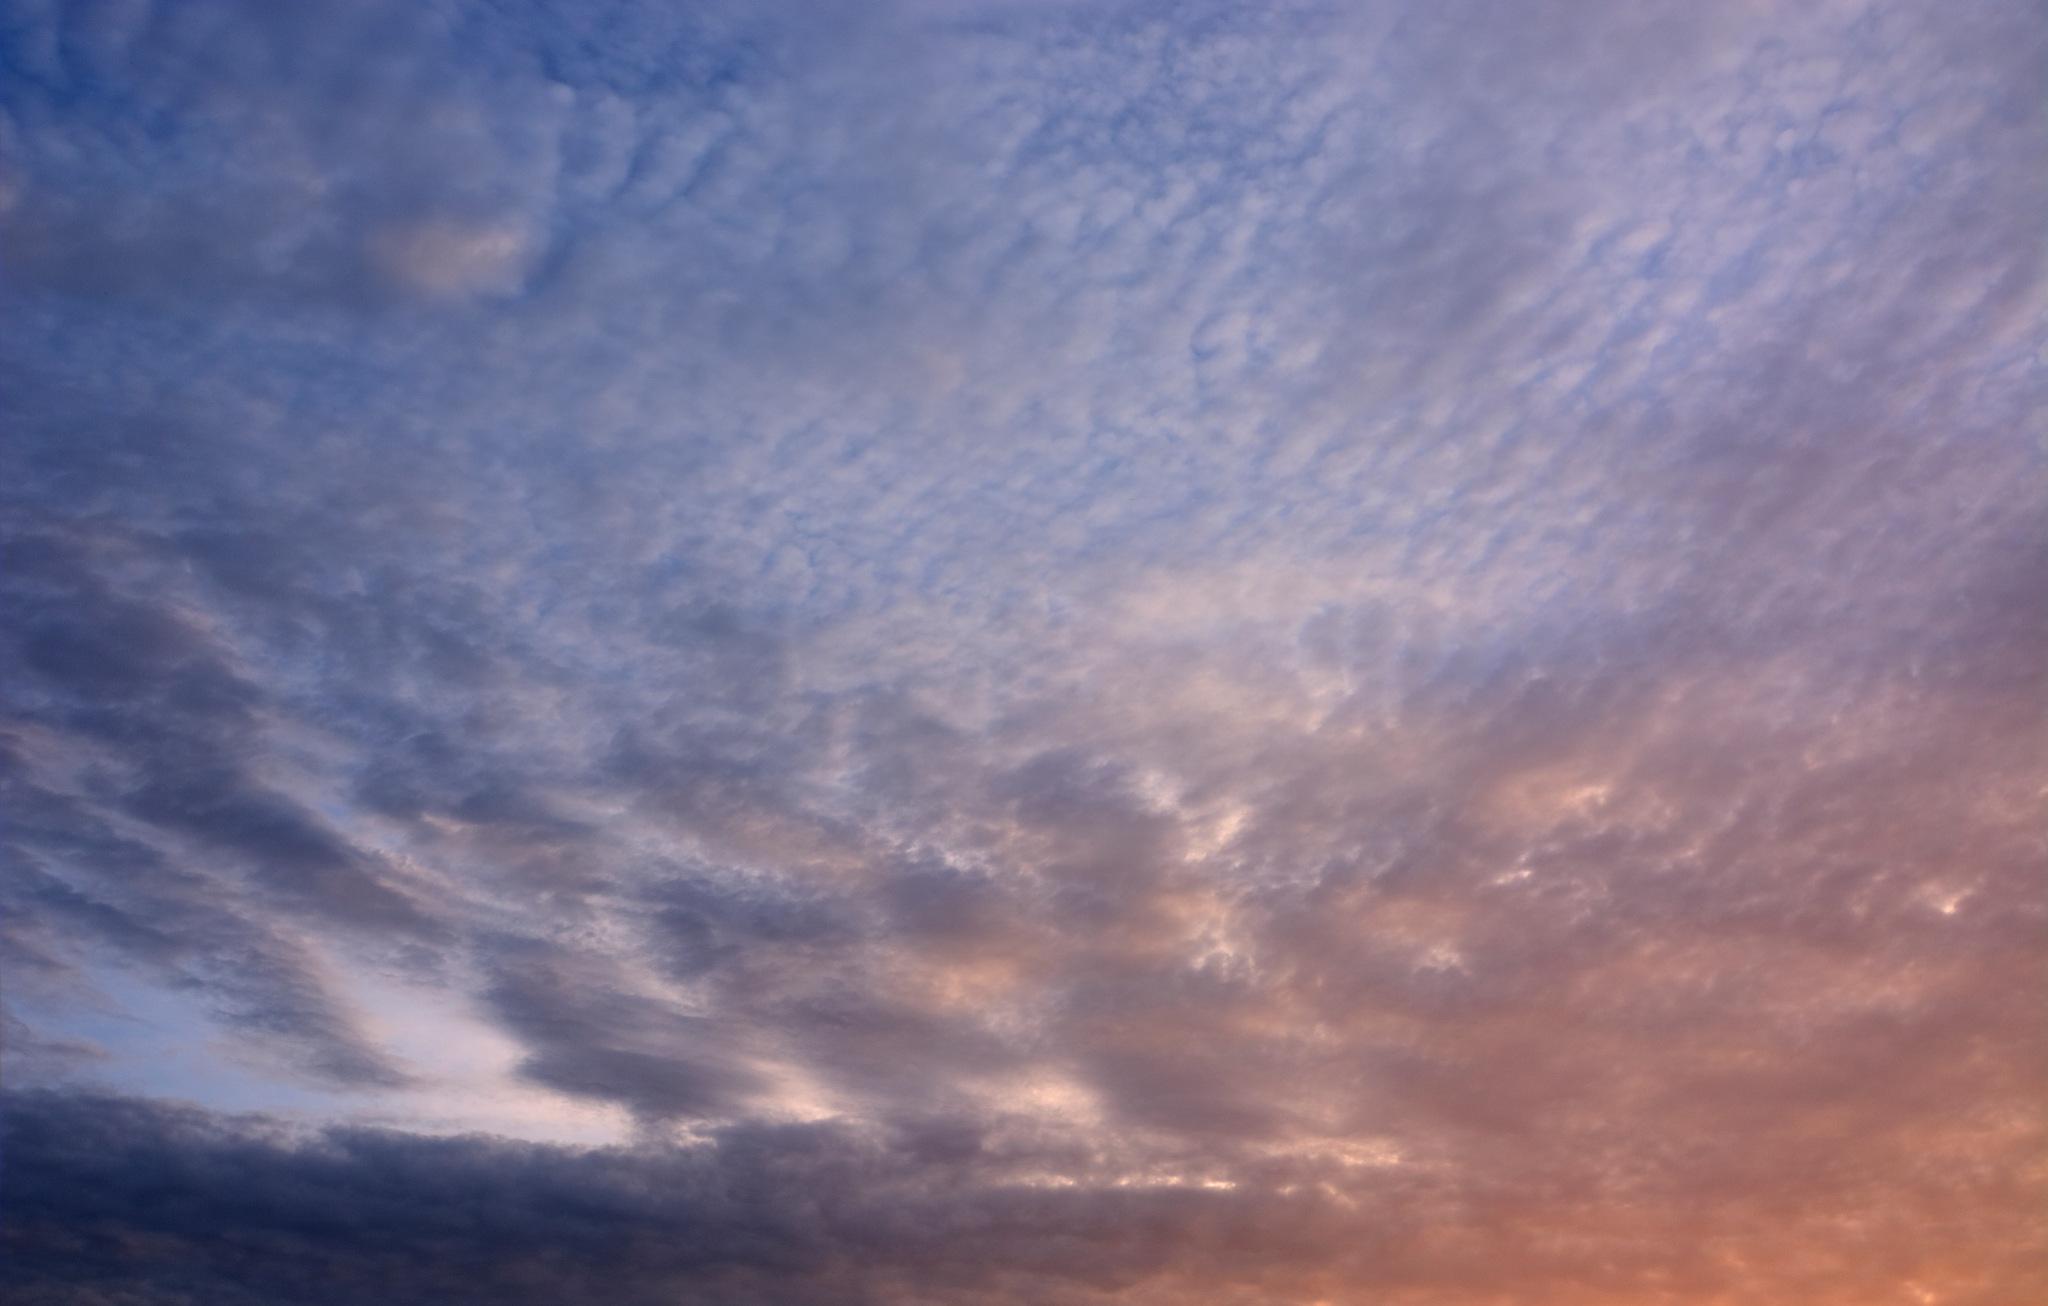 Sunset Sky #2 by kelrey31